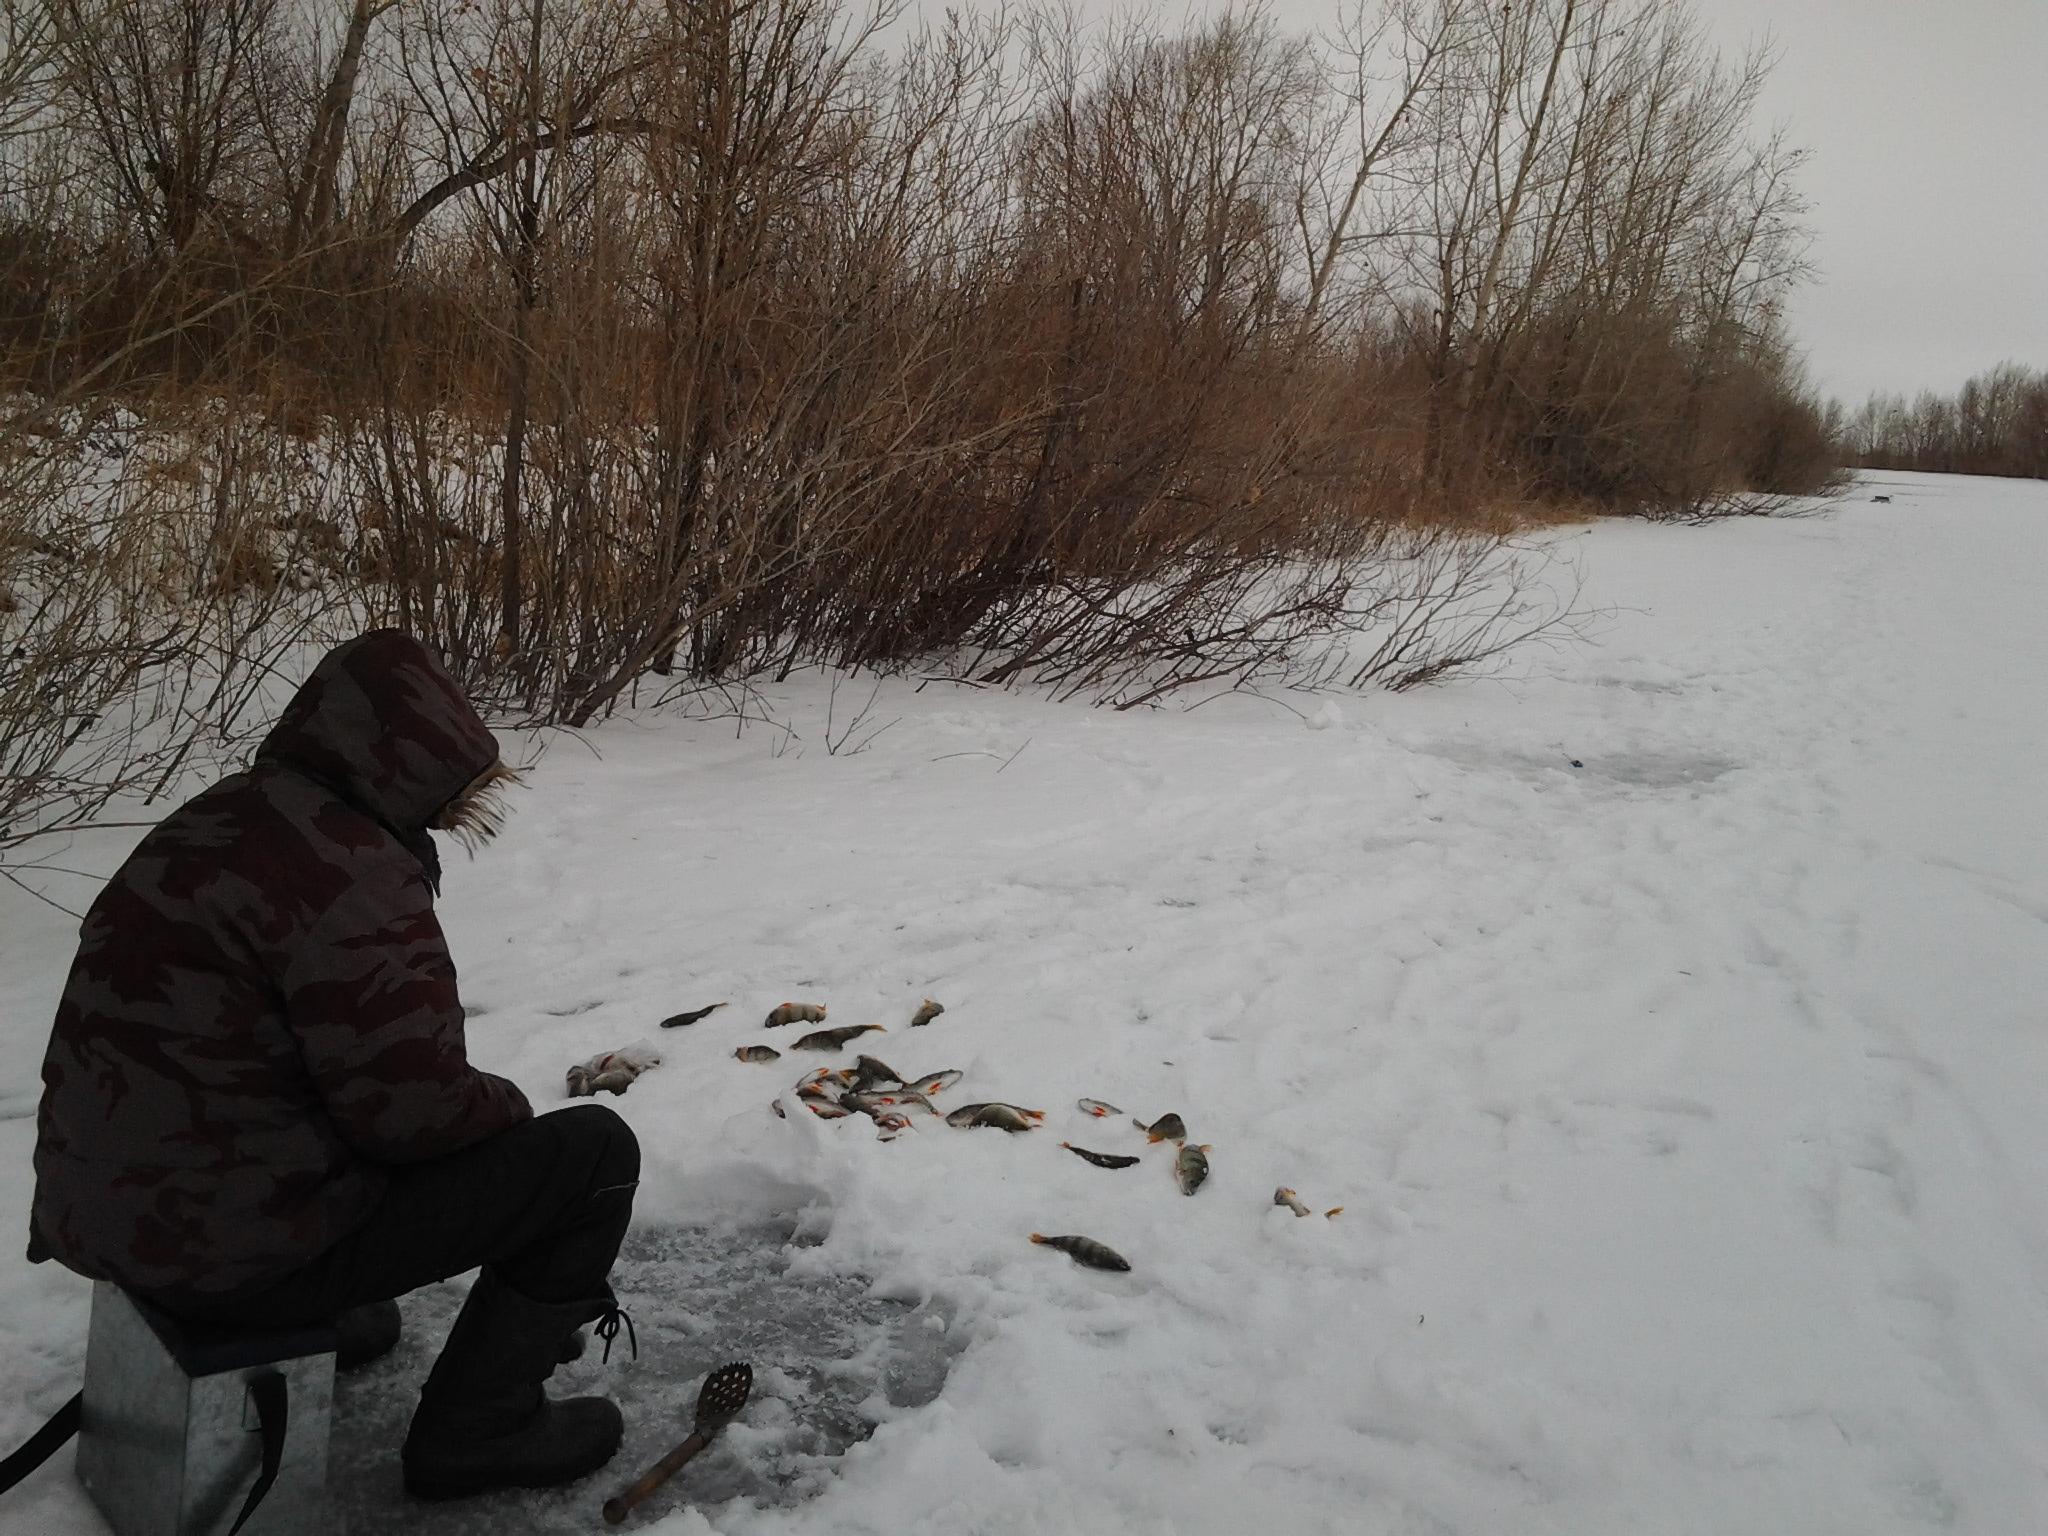 где искать судака зимой на незнакомом водоеме